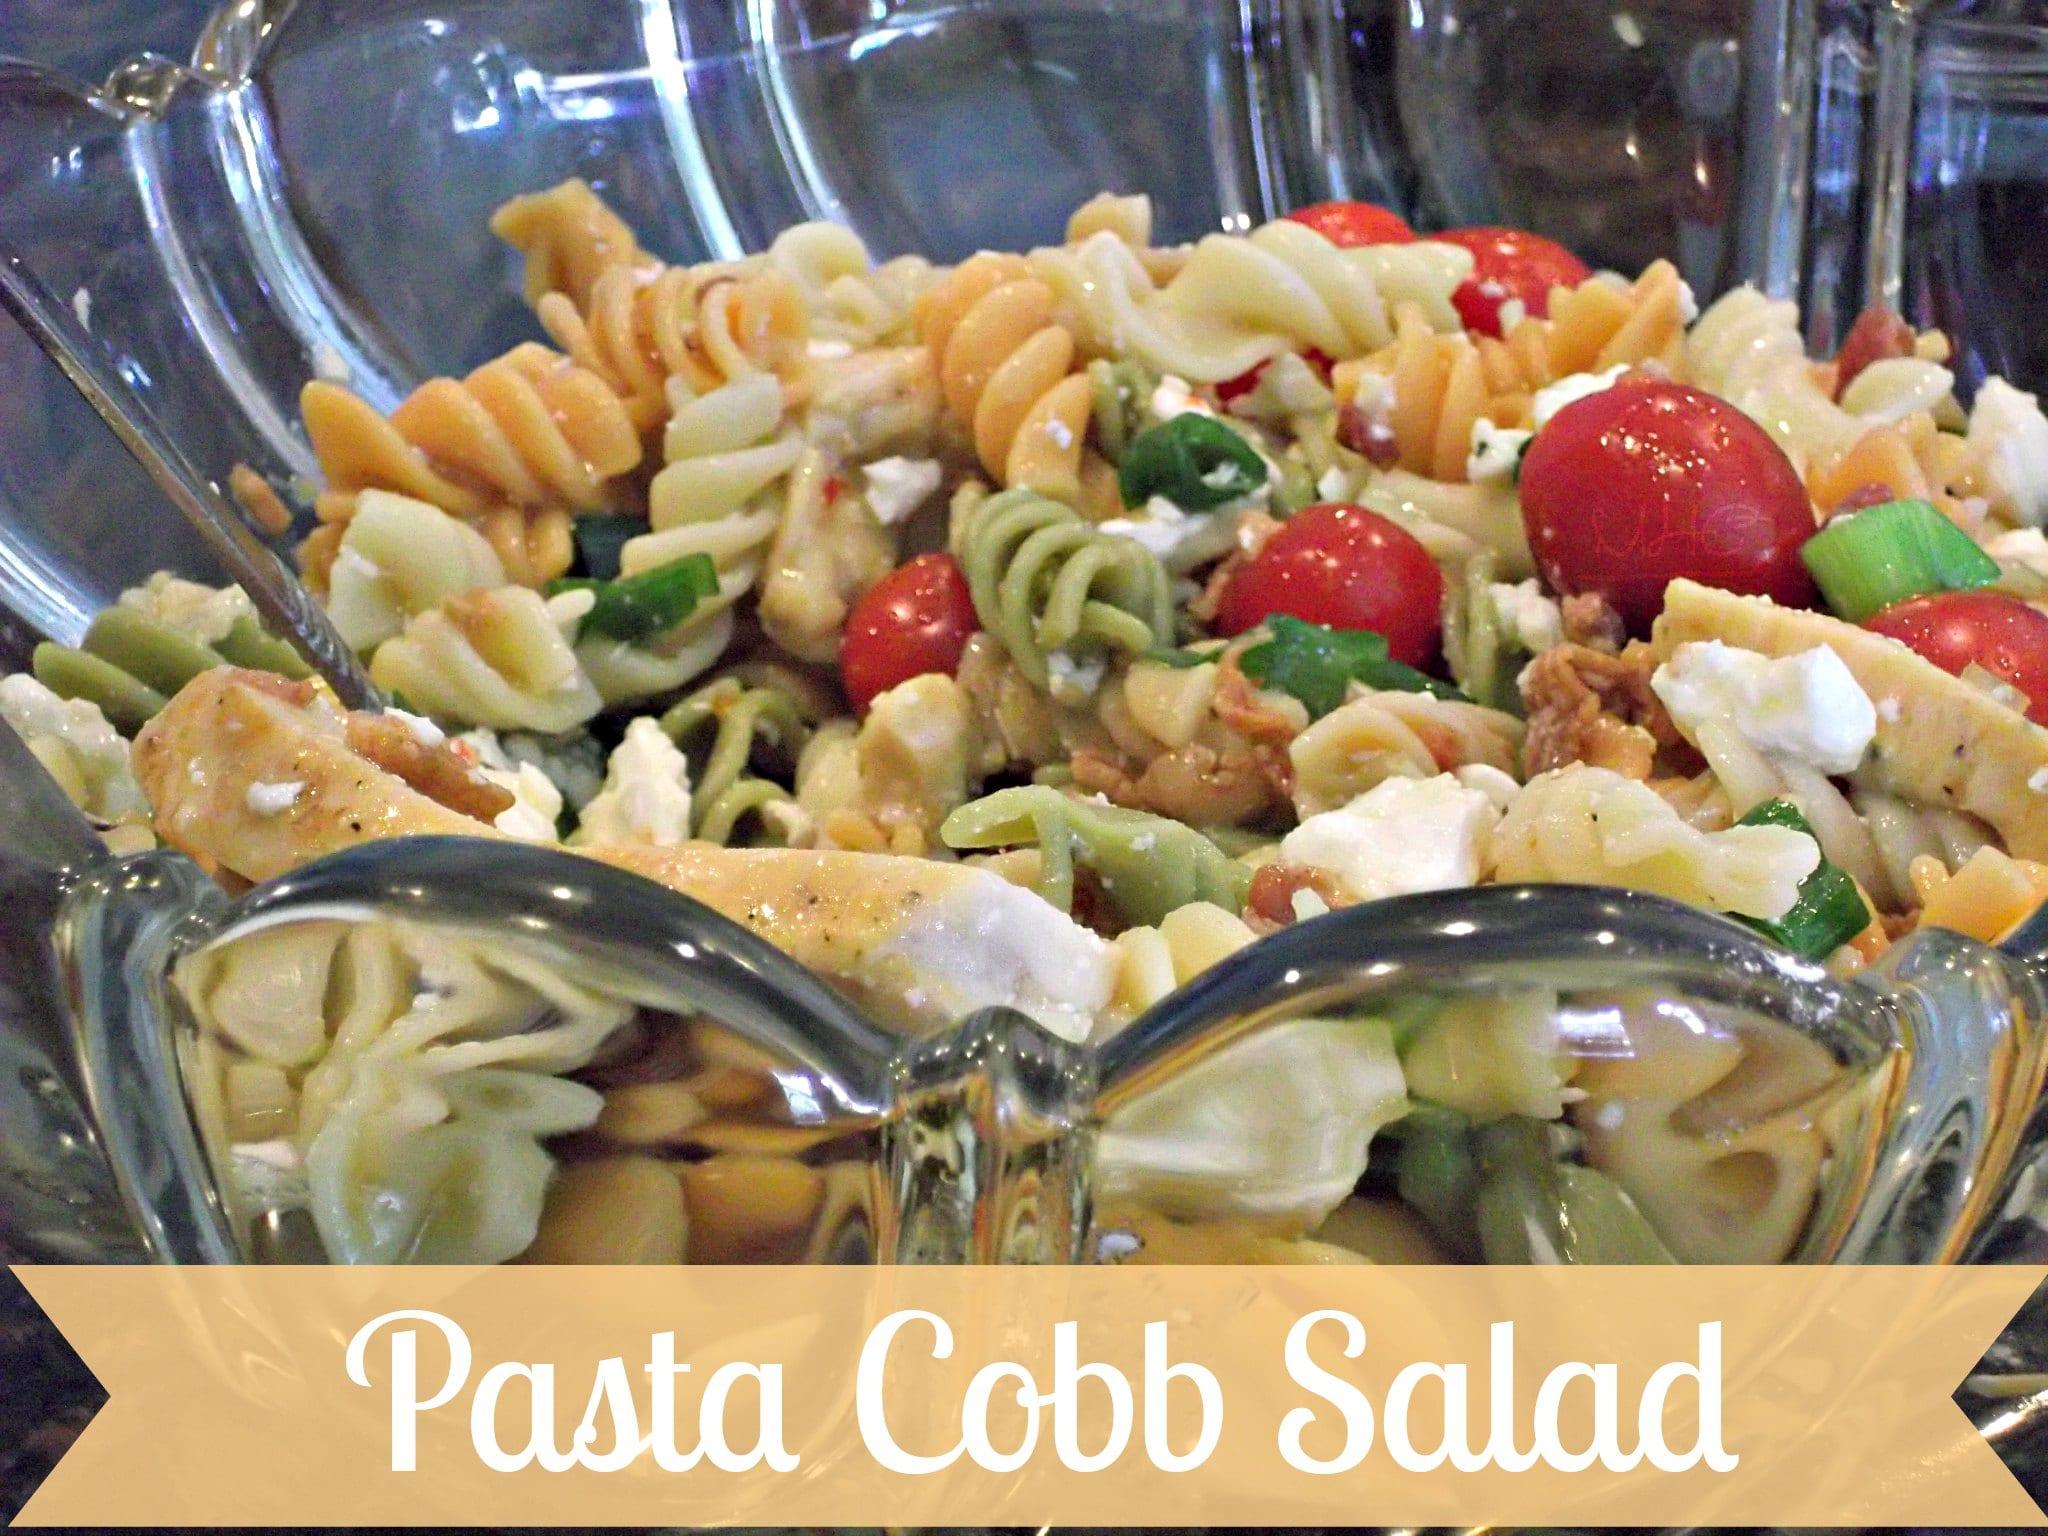 pasta cobb salad